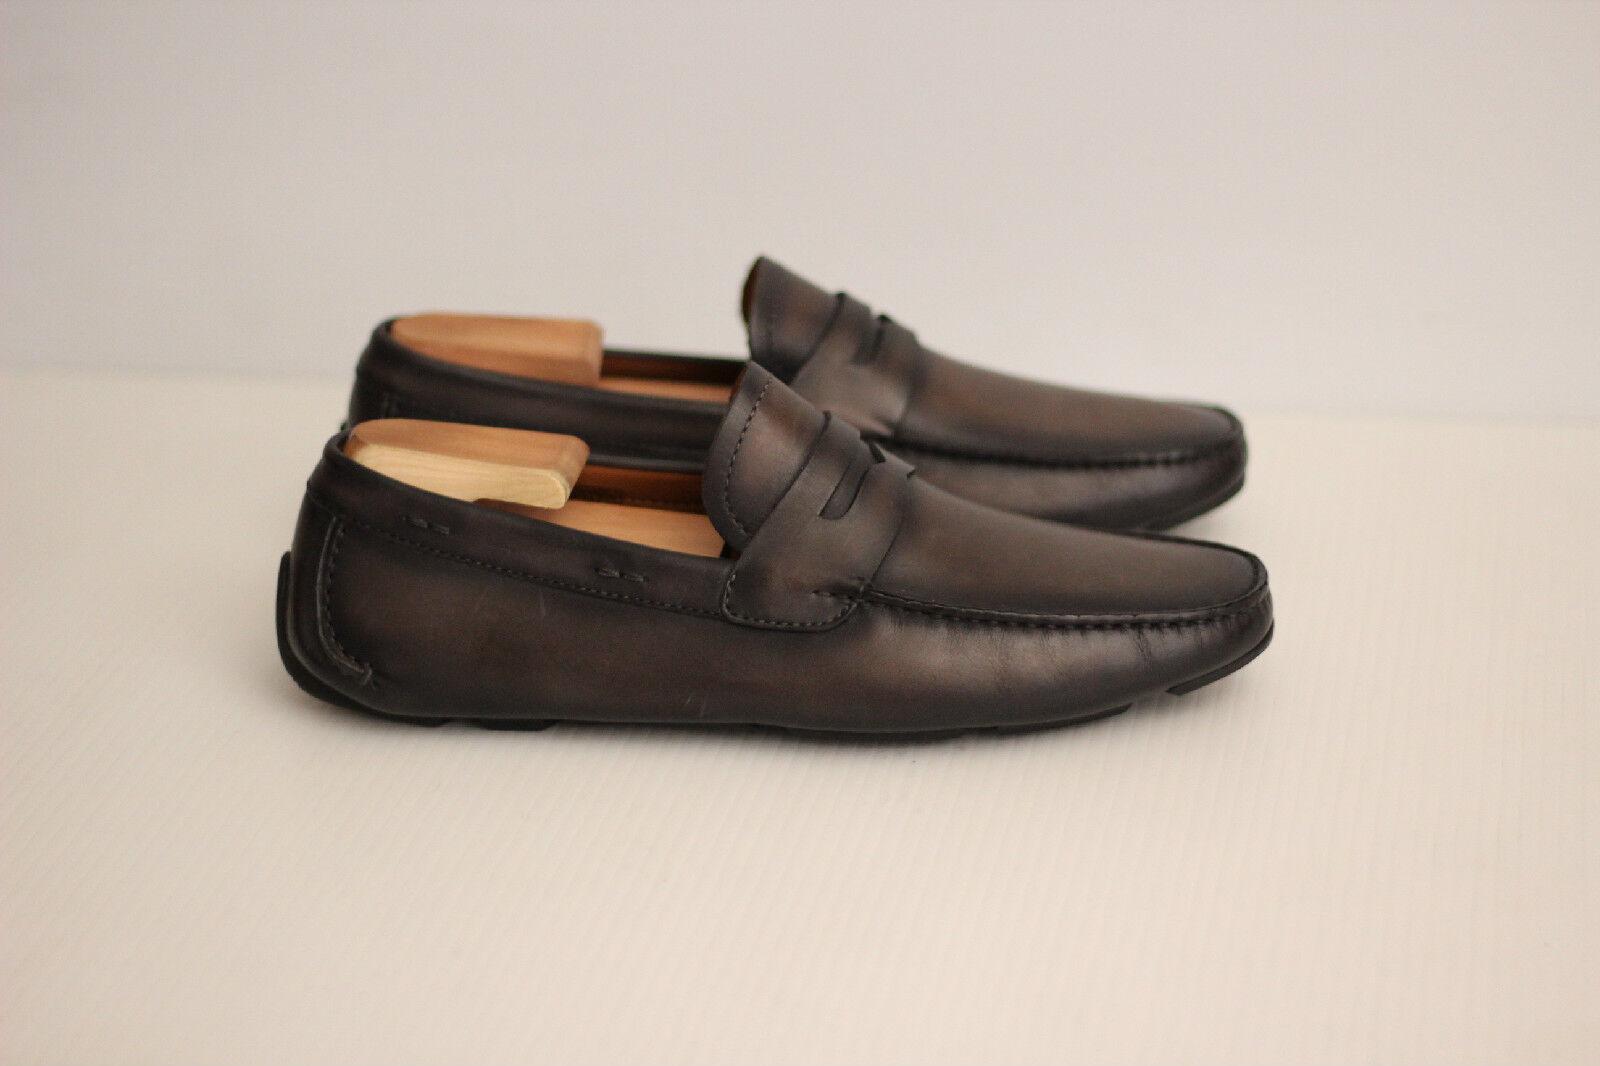 New Magnanni'Dylan 'Slip on Leather Driver scarpe  - grigio - 8.5 M - 15759 (N17)  alta qualità e spedizione veloce